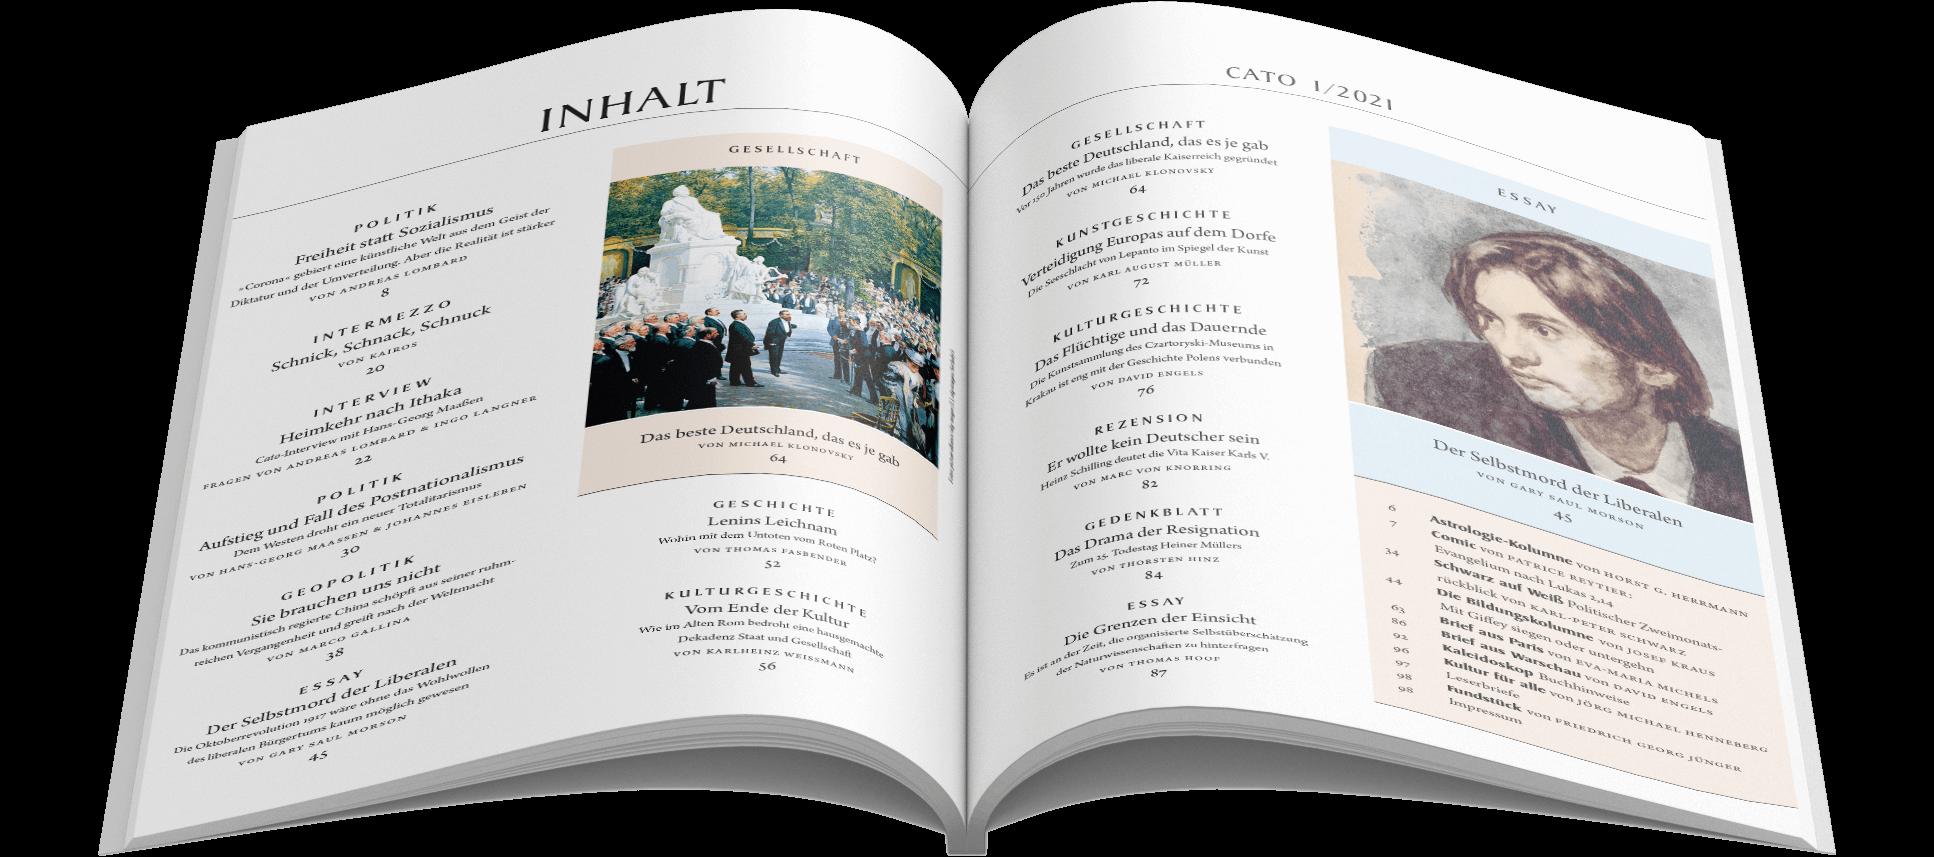 2021-1_Inhaltsverzeichnis